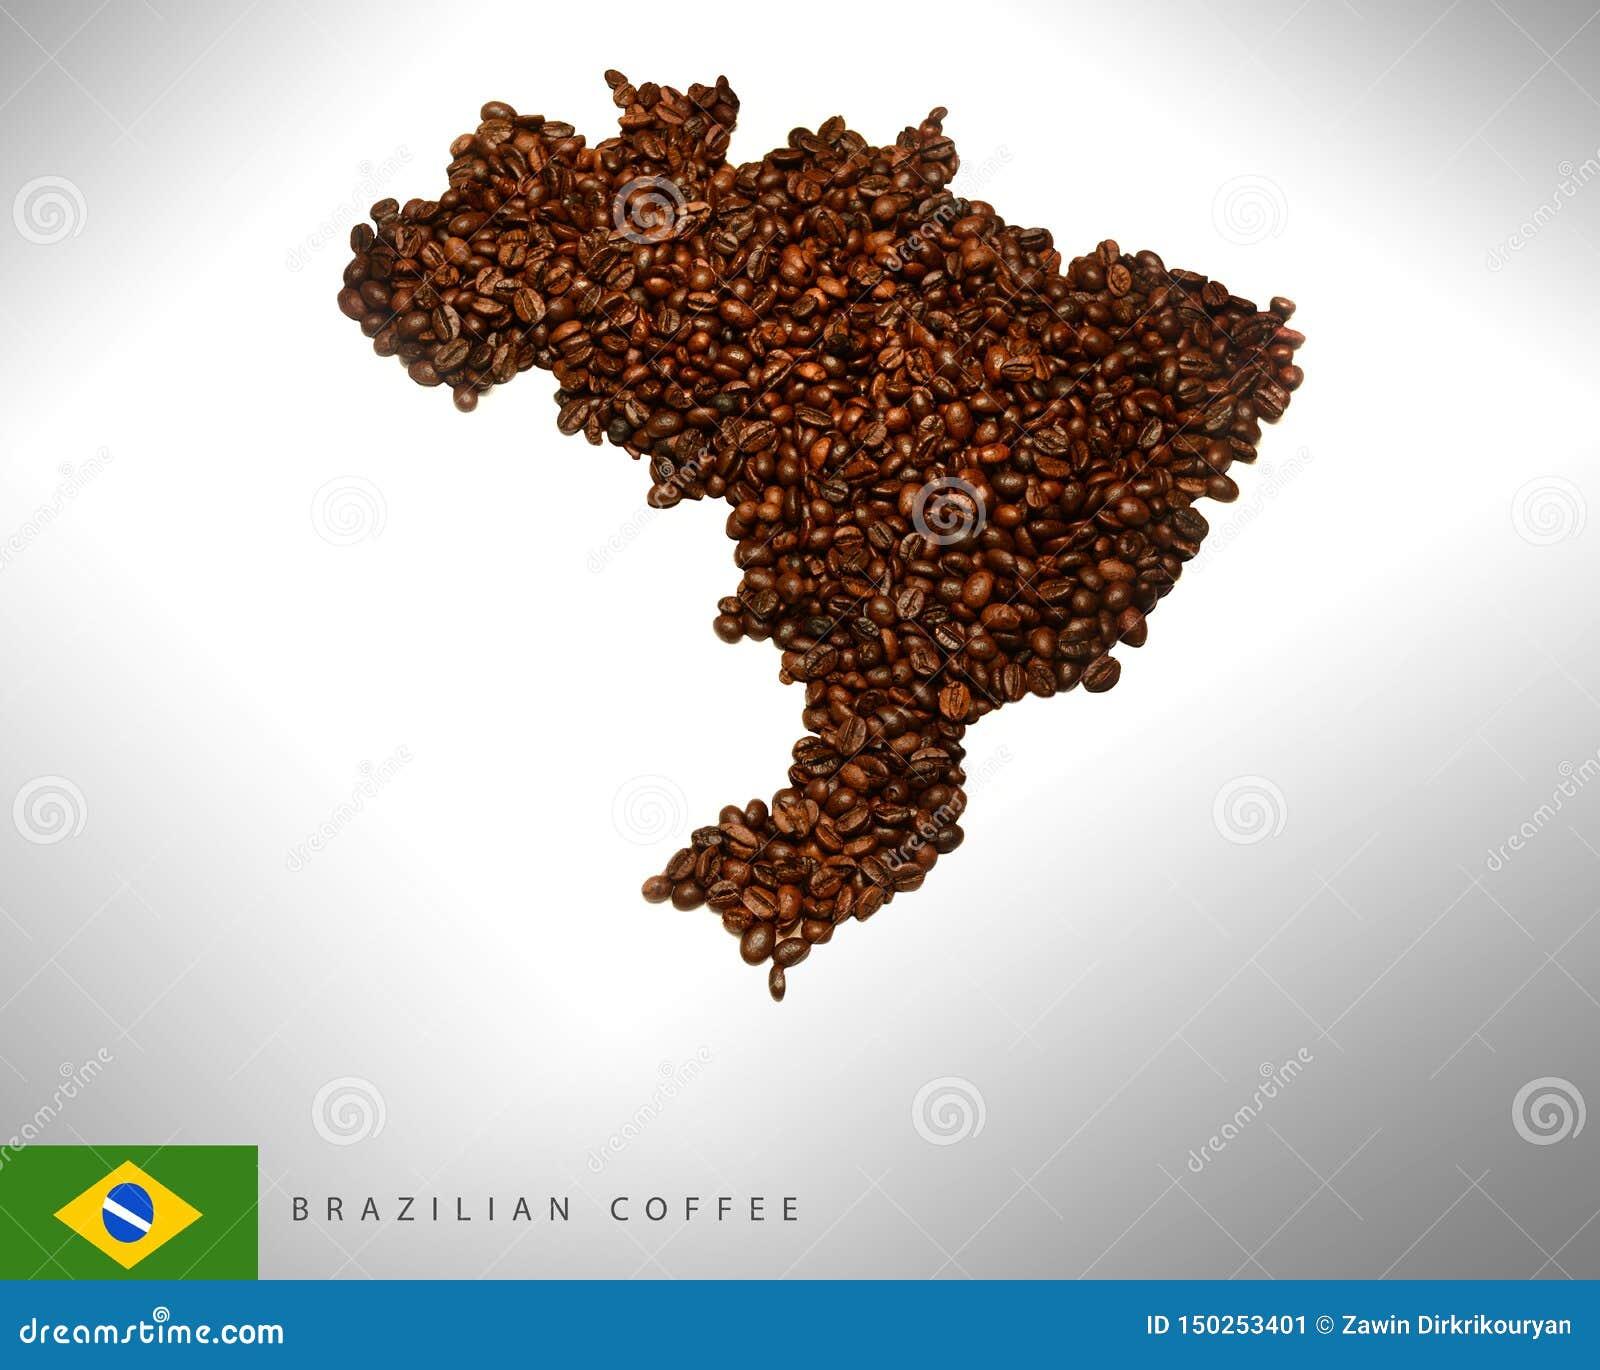 Brasilianische Karte mit Kaffeebohnen, Fotografie,